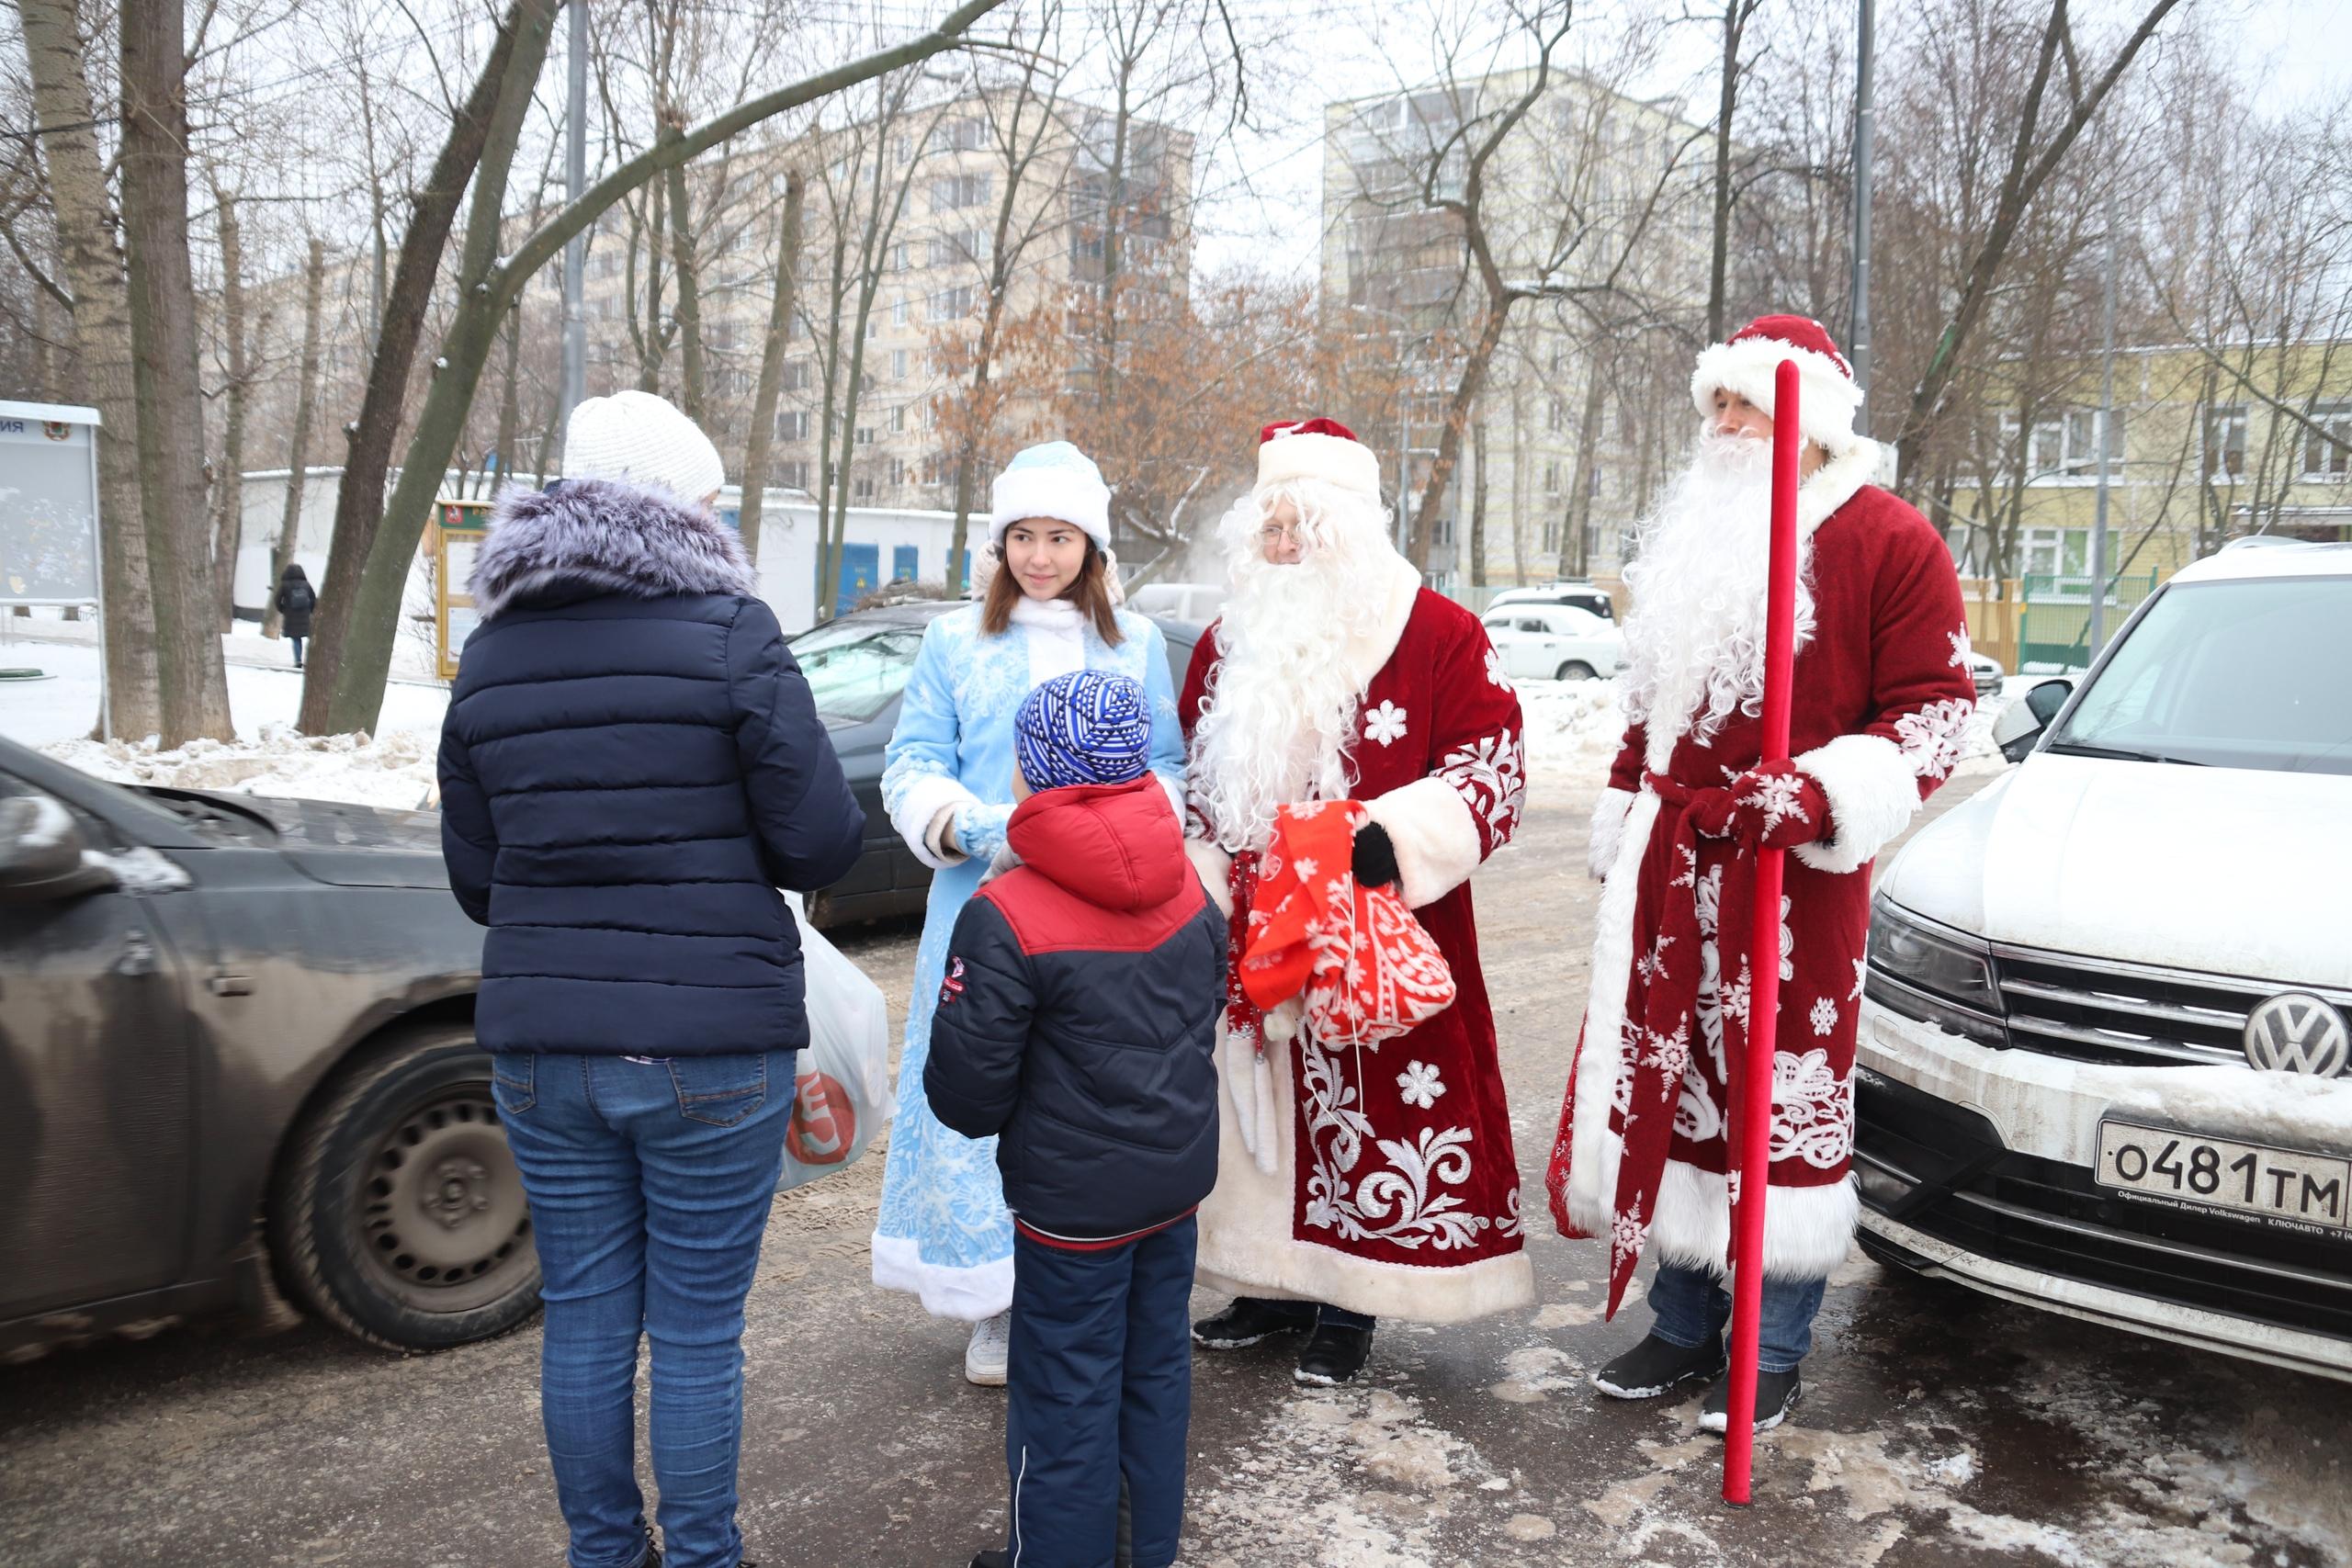 Деды Морозы и Снегурочки поздравили жителей Орехова-Борисова Южного с наступающими праздниками